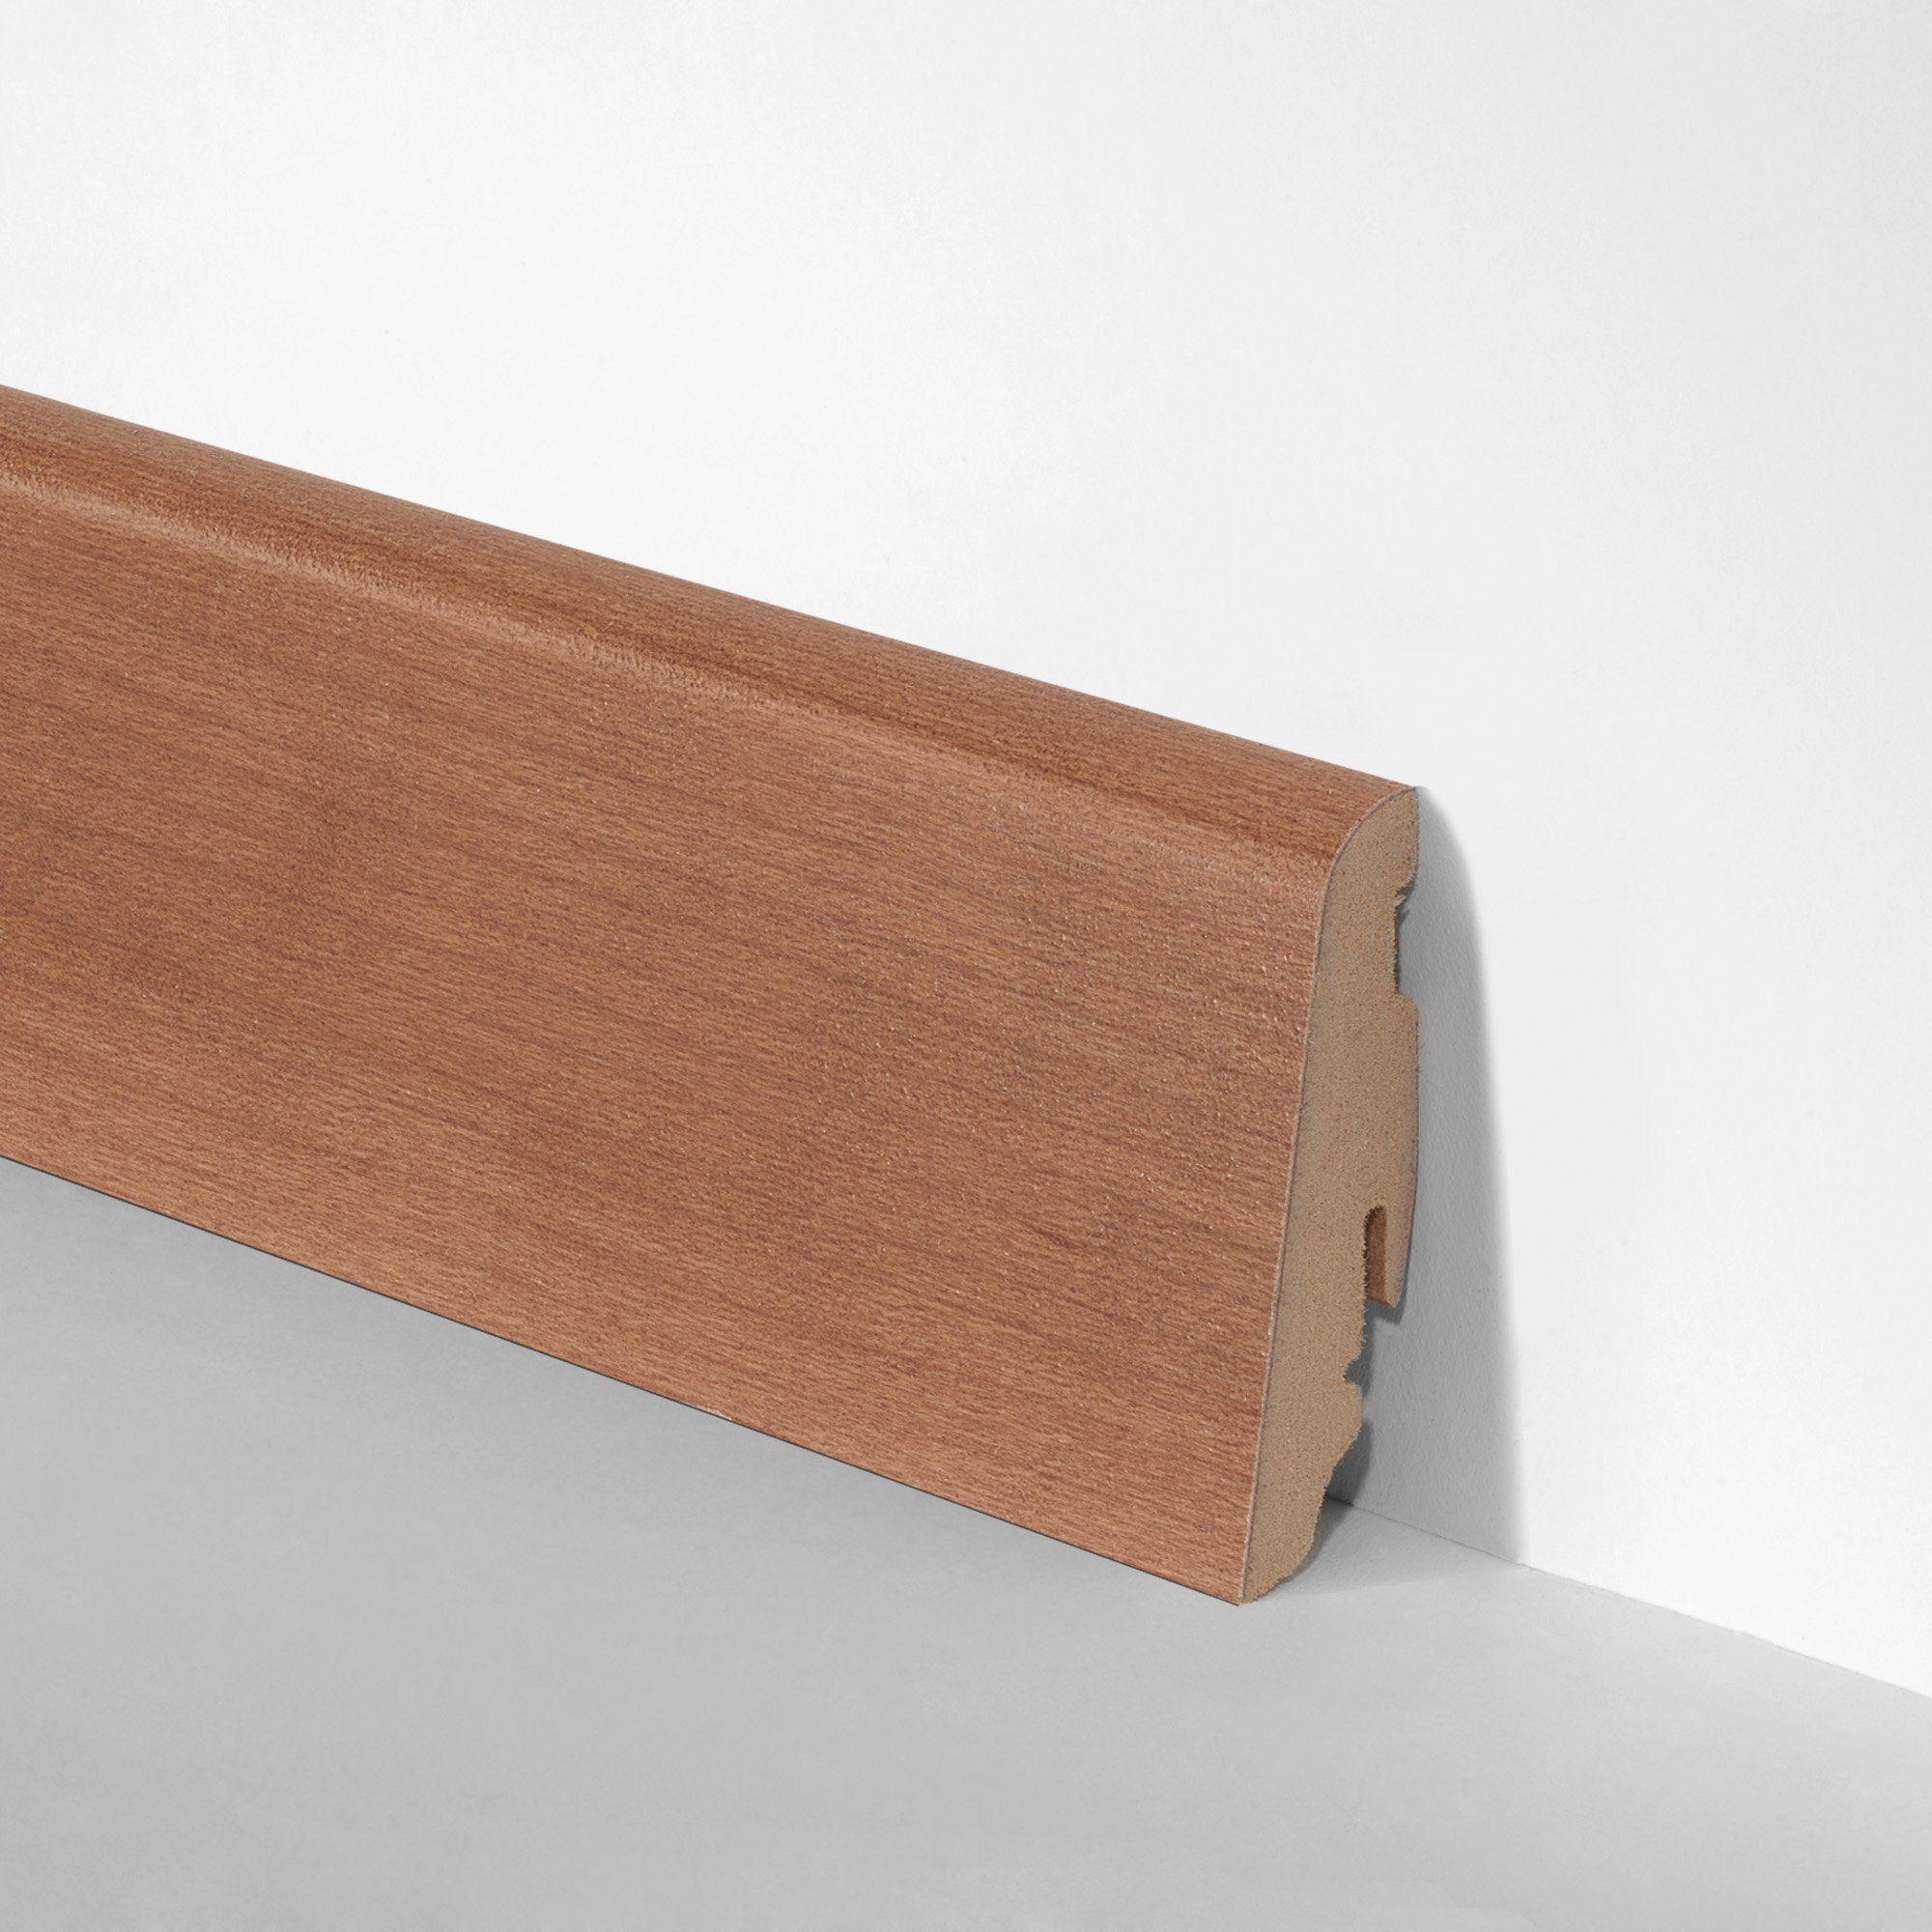 BODENMEISTER Set: Sockelleiste »Echtholz furniert Kirsche«, 3er-Pack, Höhe: 5,8 cm